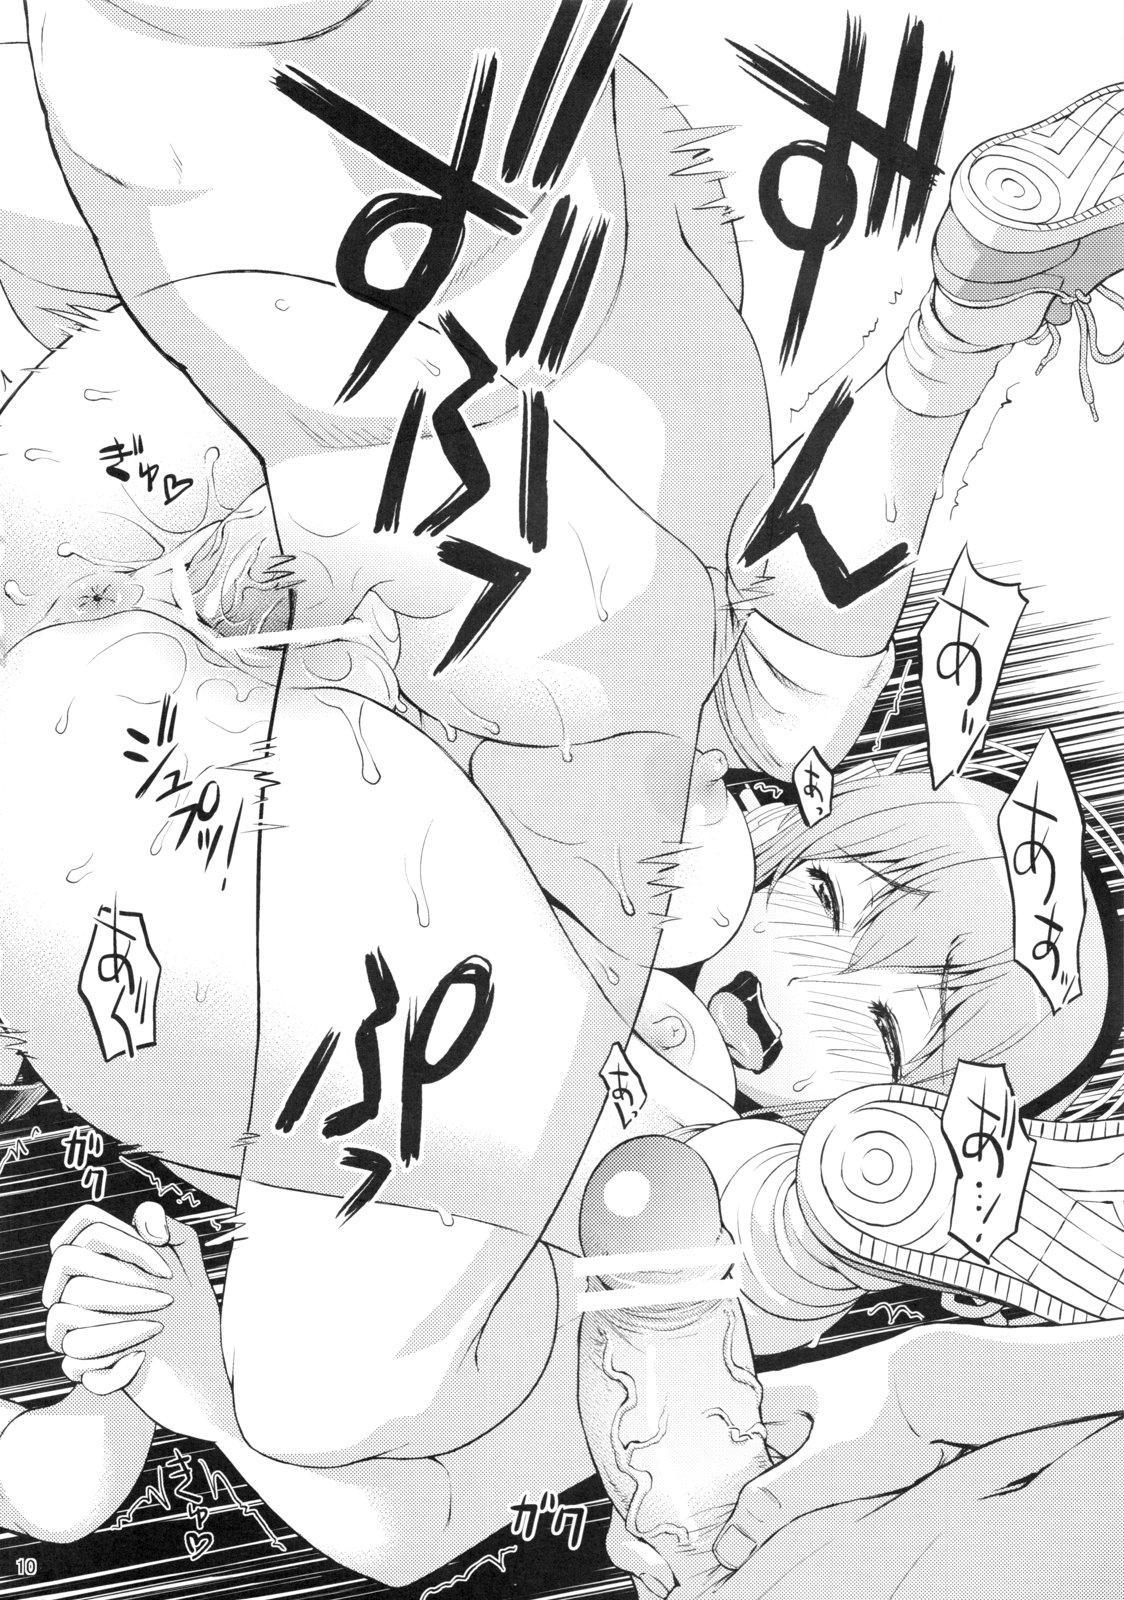 Bakusou Chuu 8